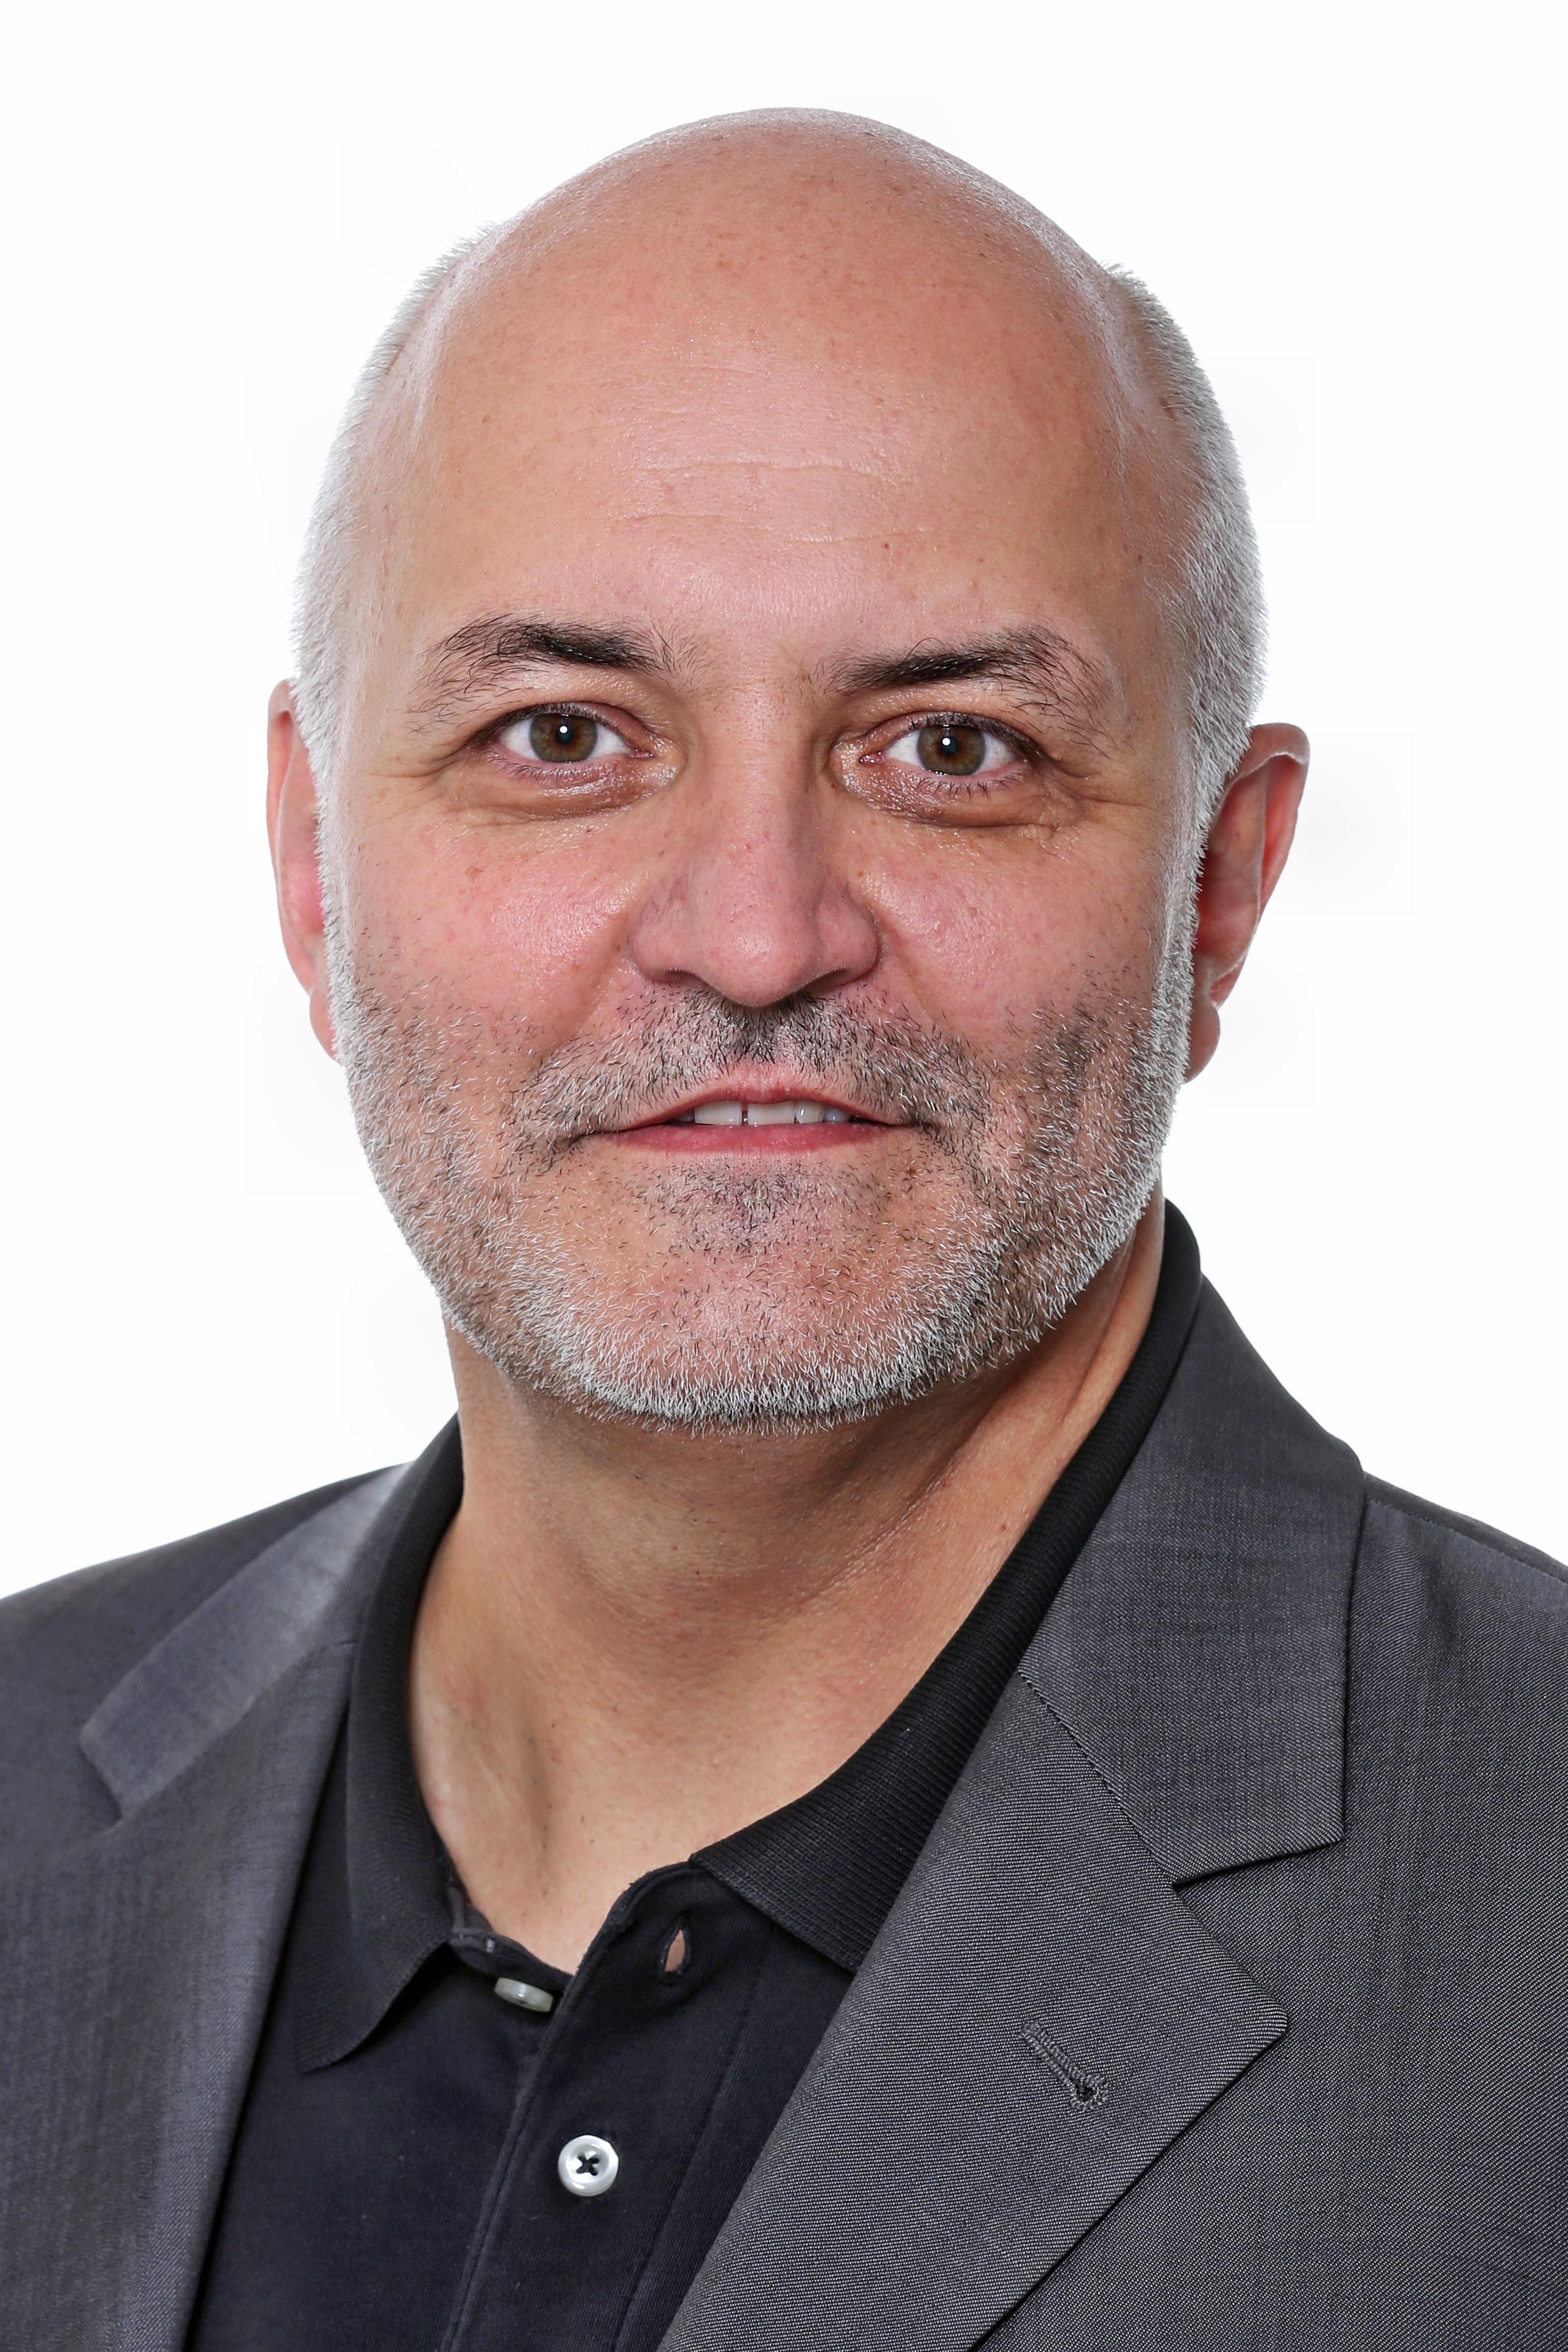 Stefan Hauf, Sprecher der Stadt München befürwortet den Livestream